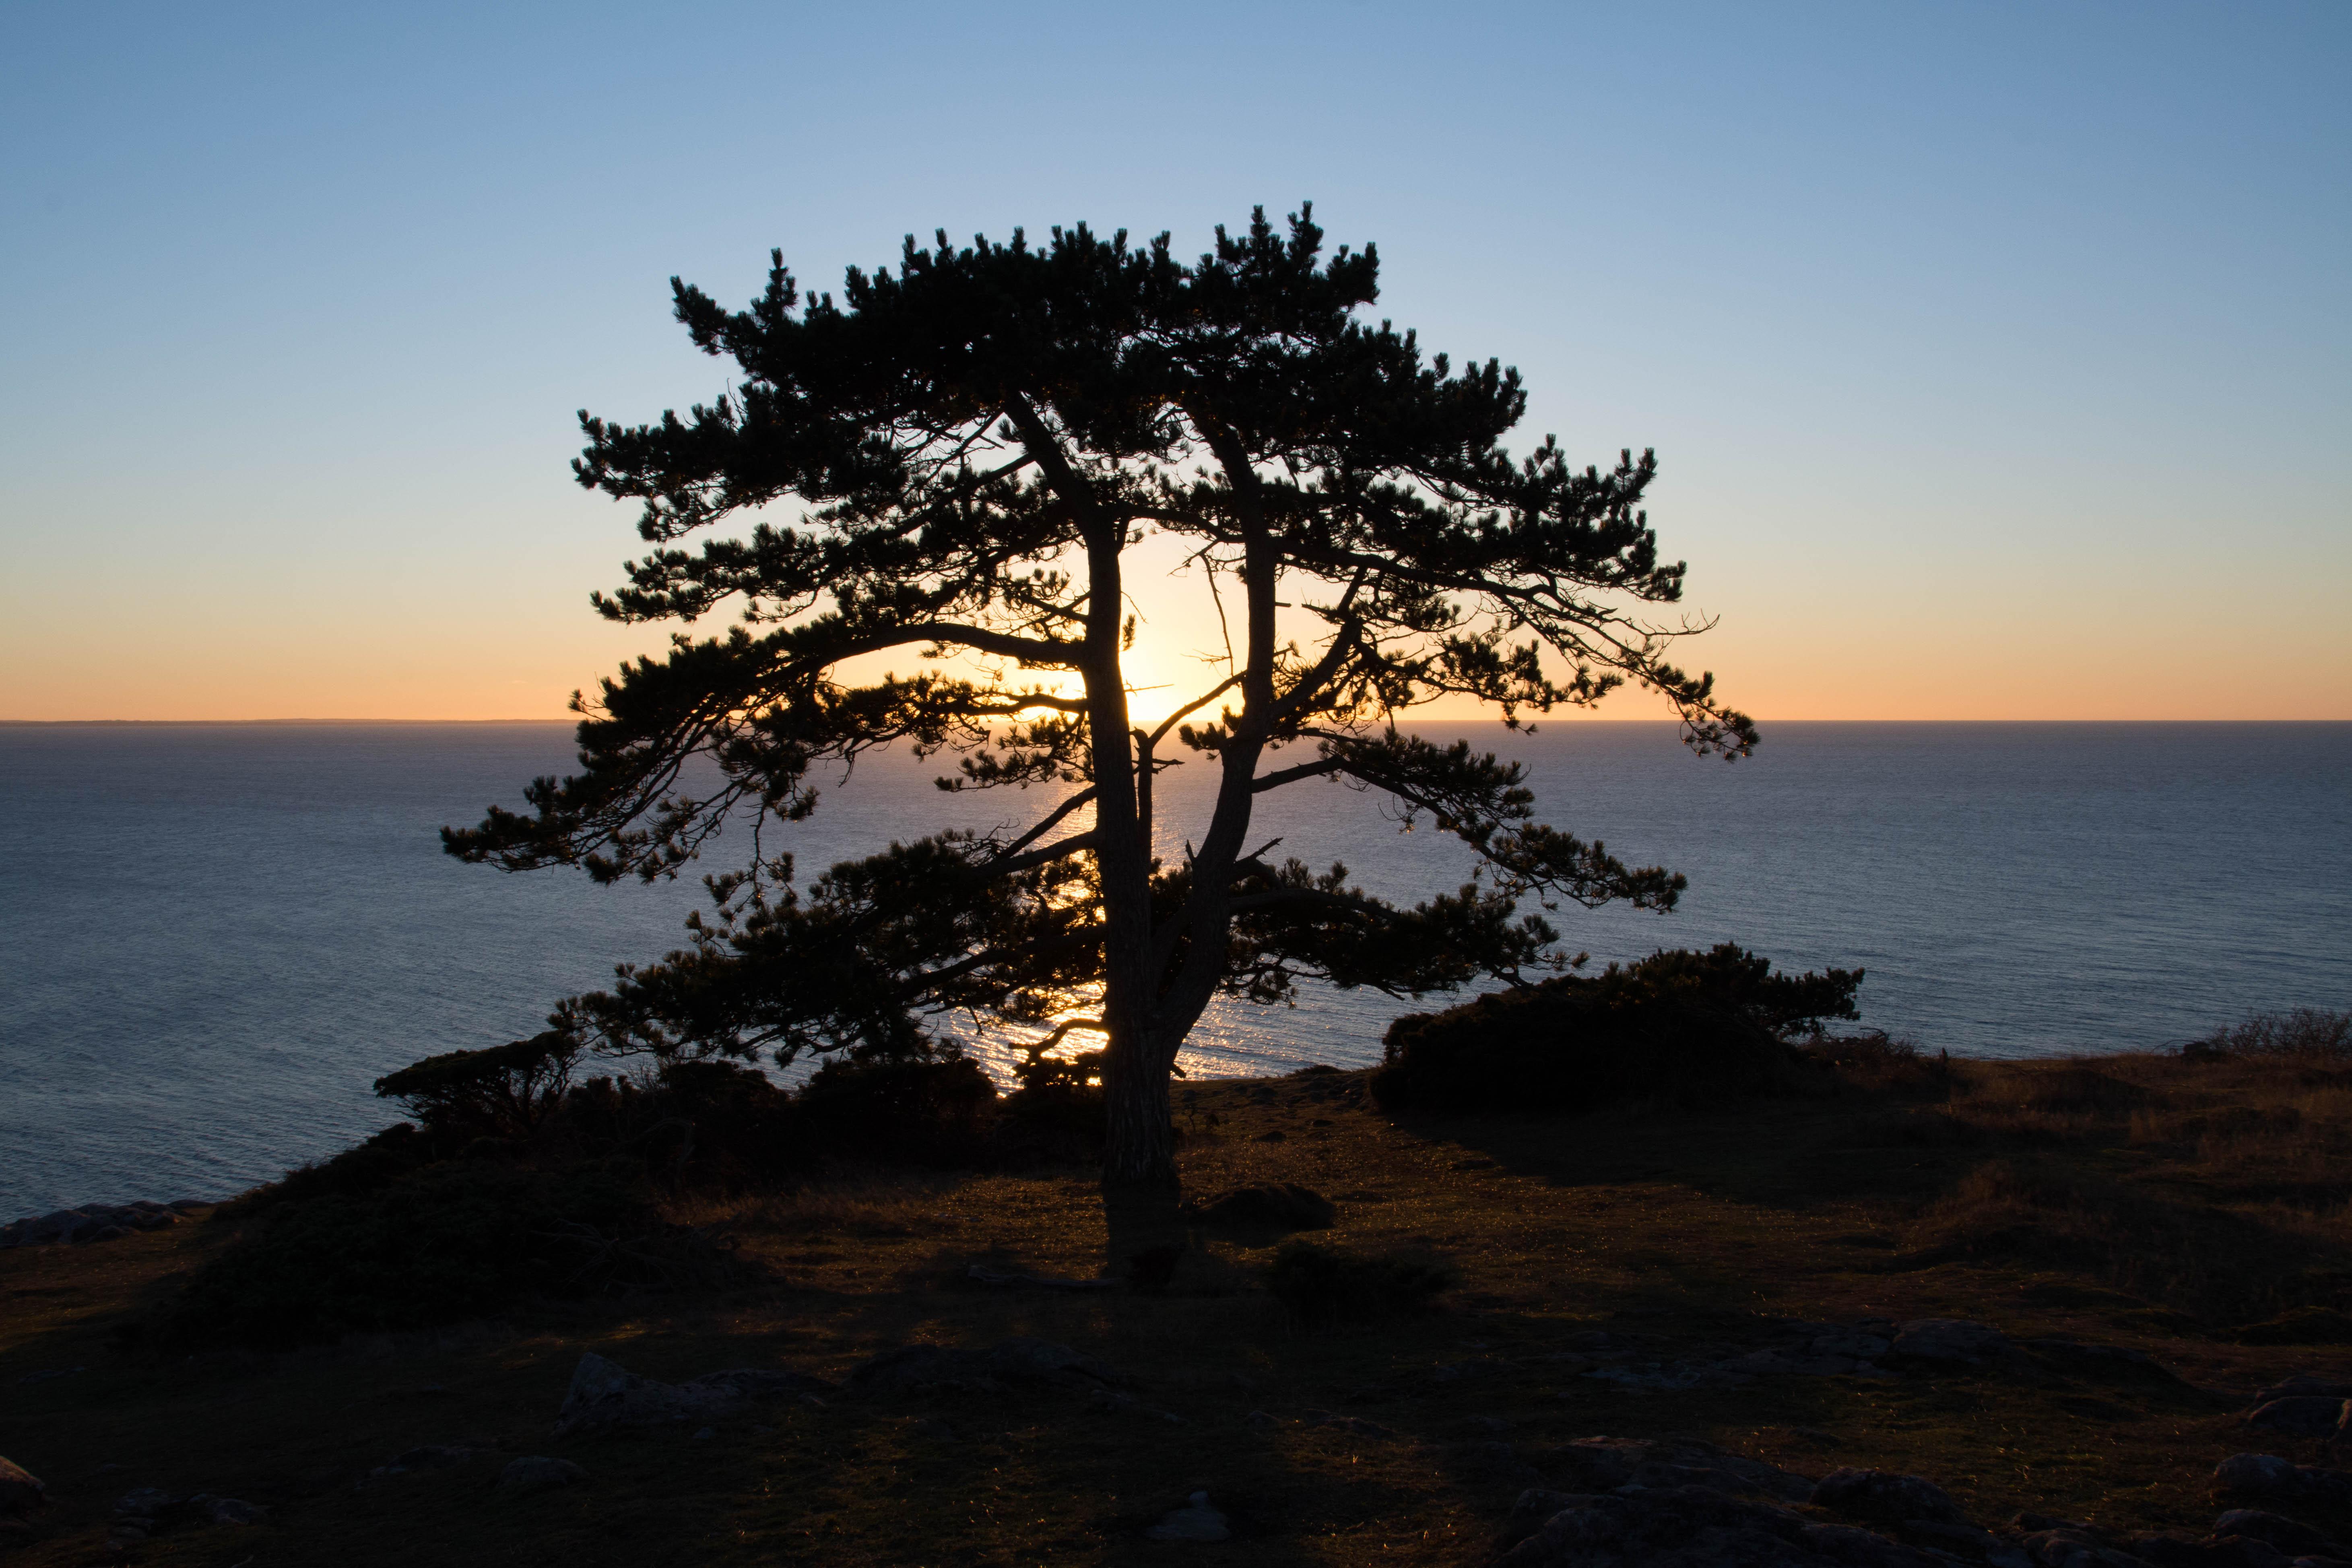 20170115-Kullaberg winter sunset.jpg